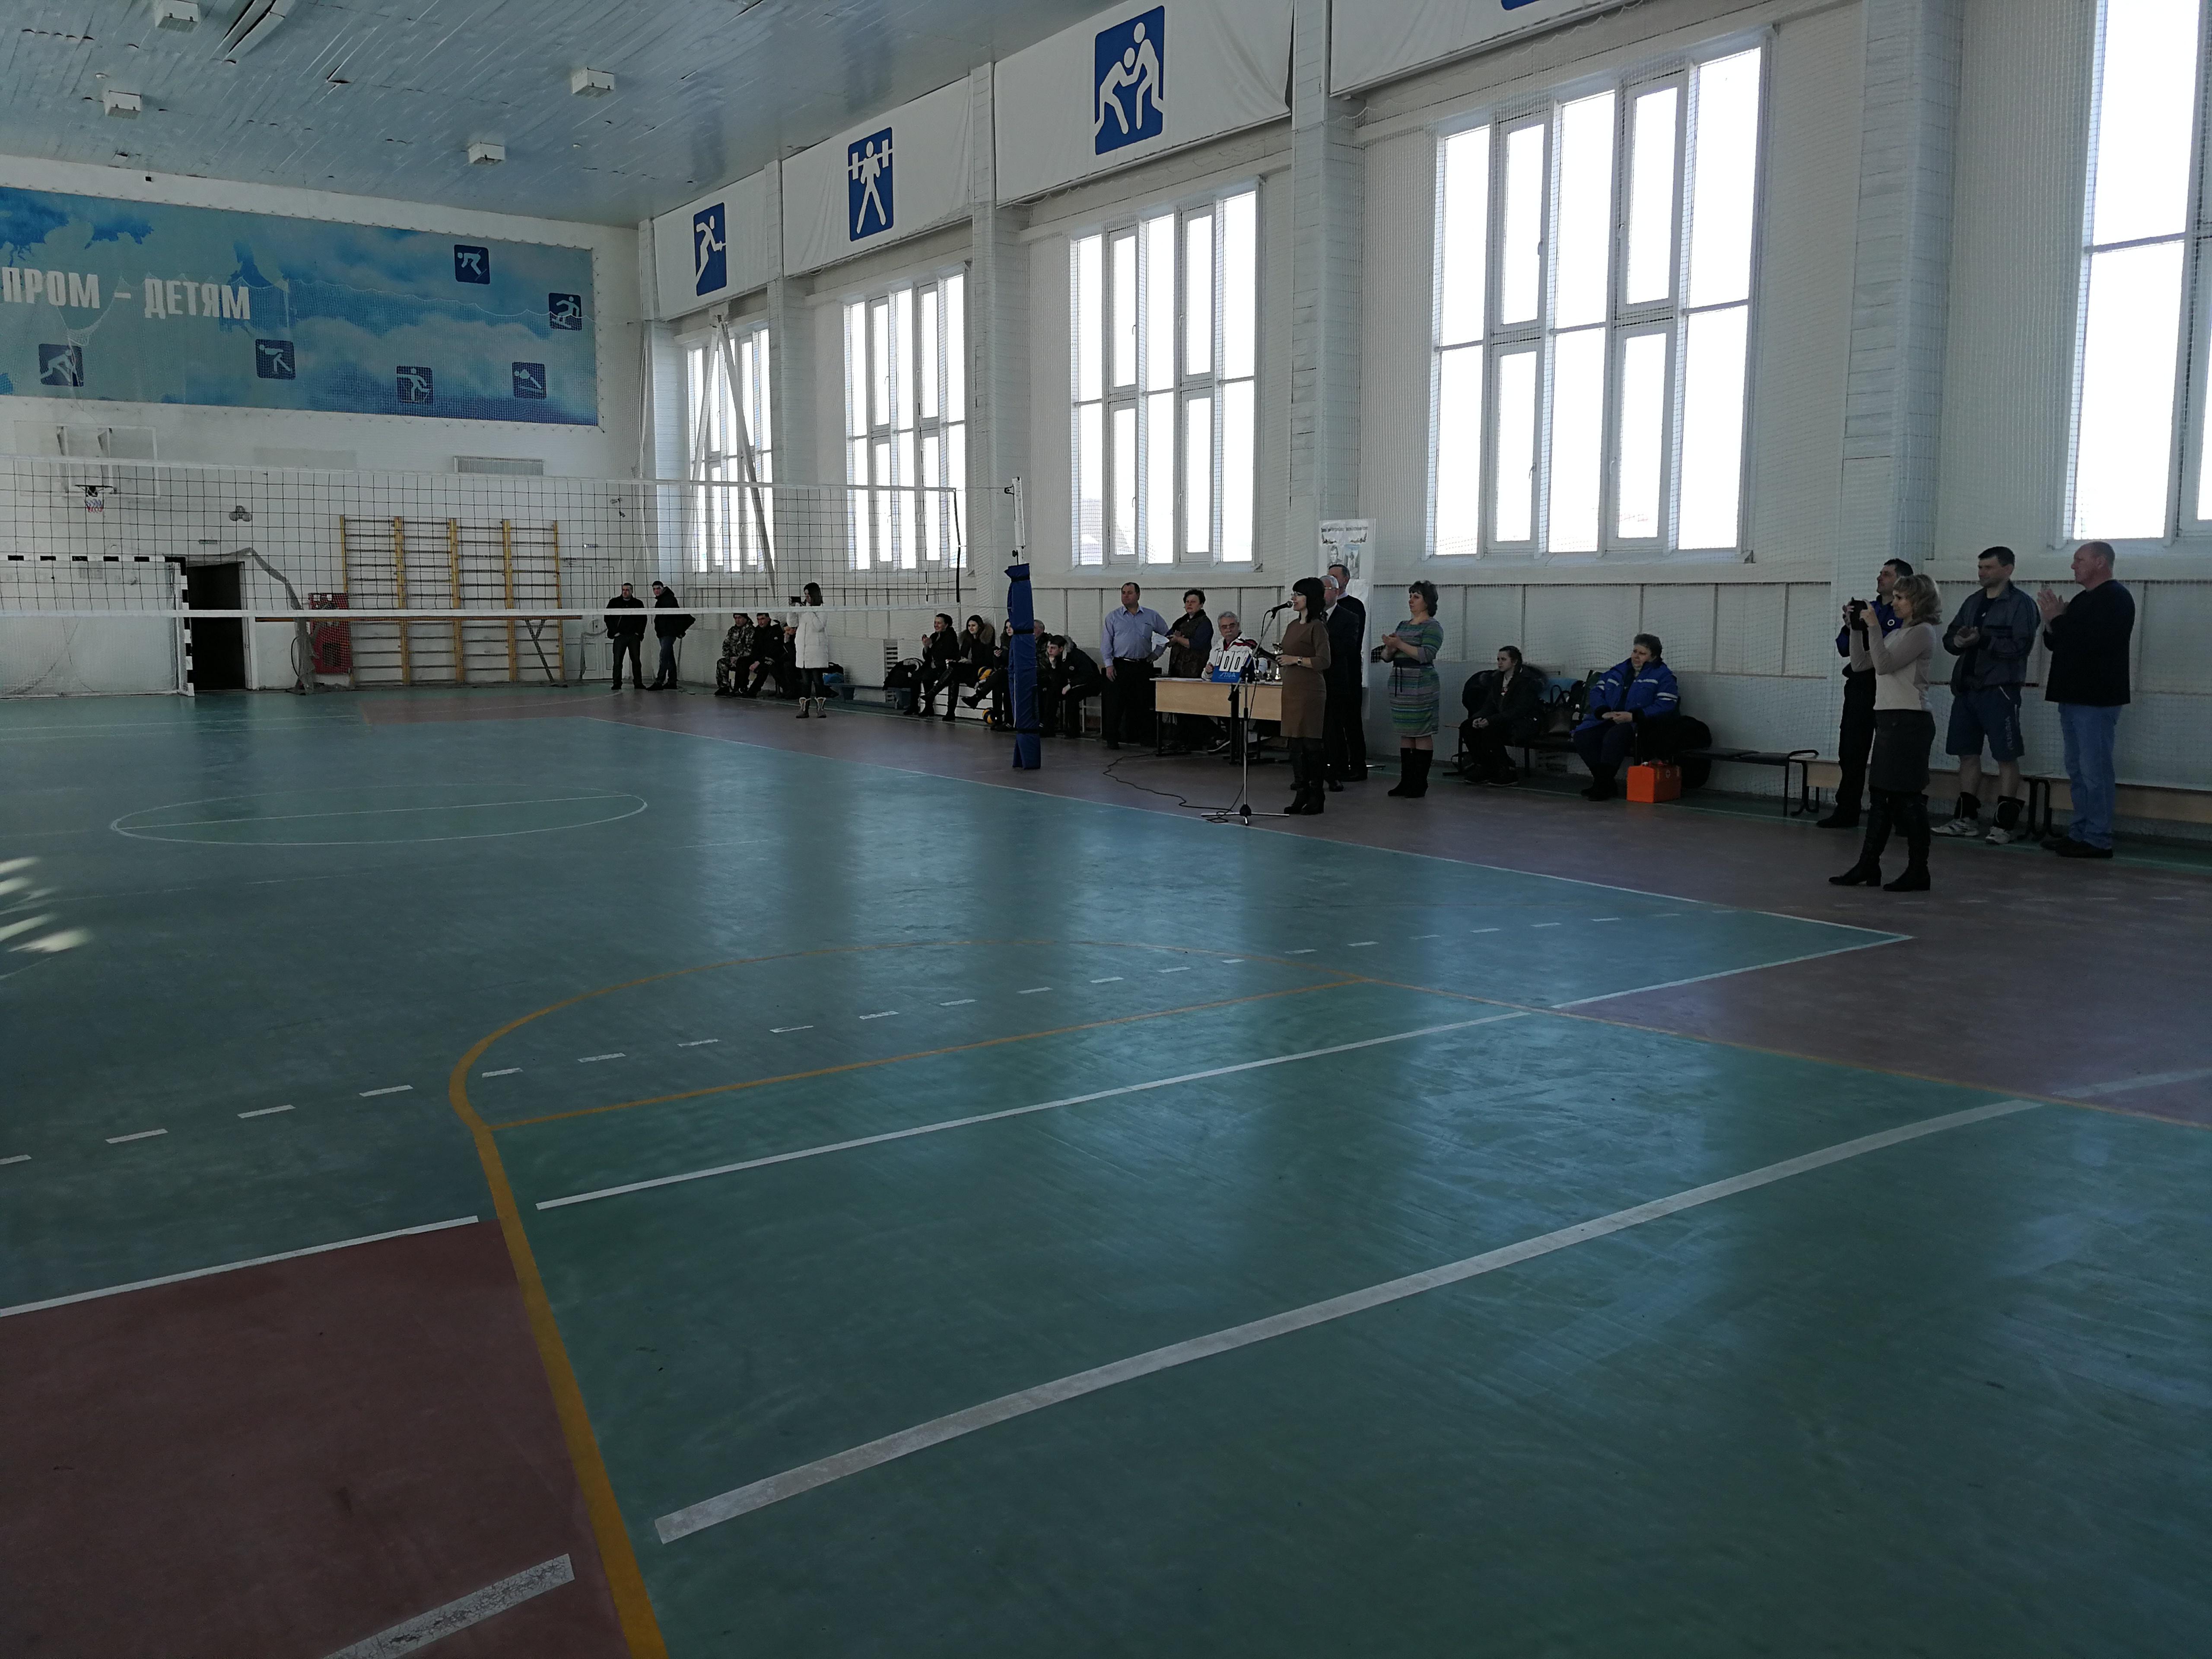 Изображение из альбома Областной турнир по волейболу памяти дважды Героя Советского Союза А.К. Рязанова